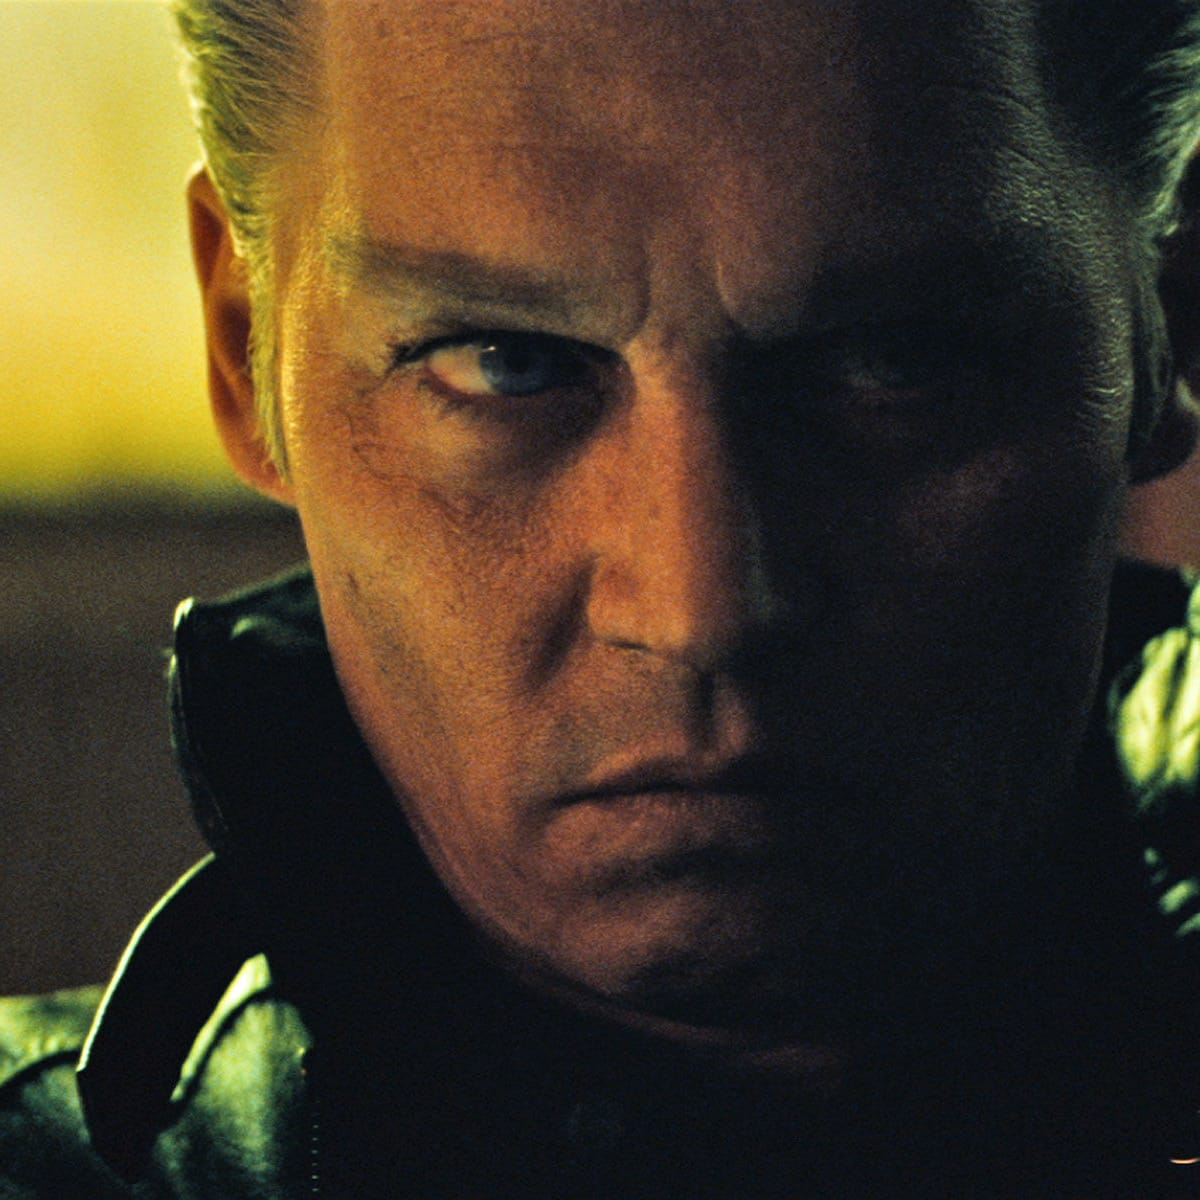 Johnny Depp in Black Mass